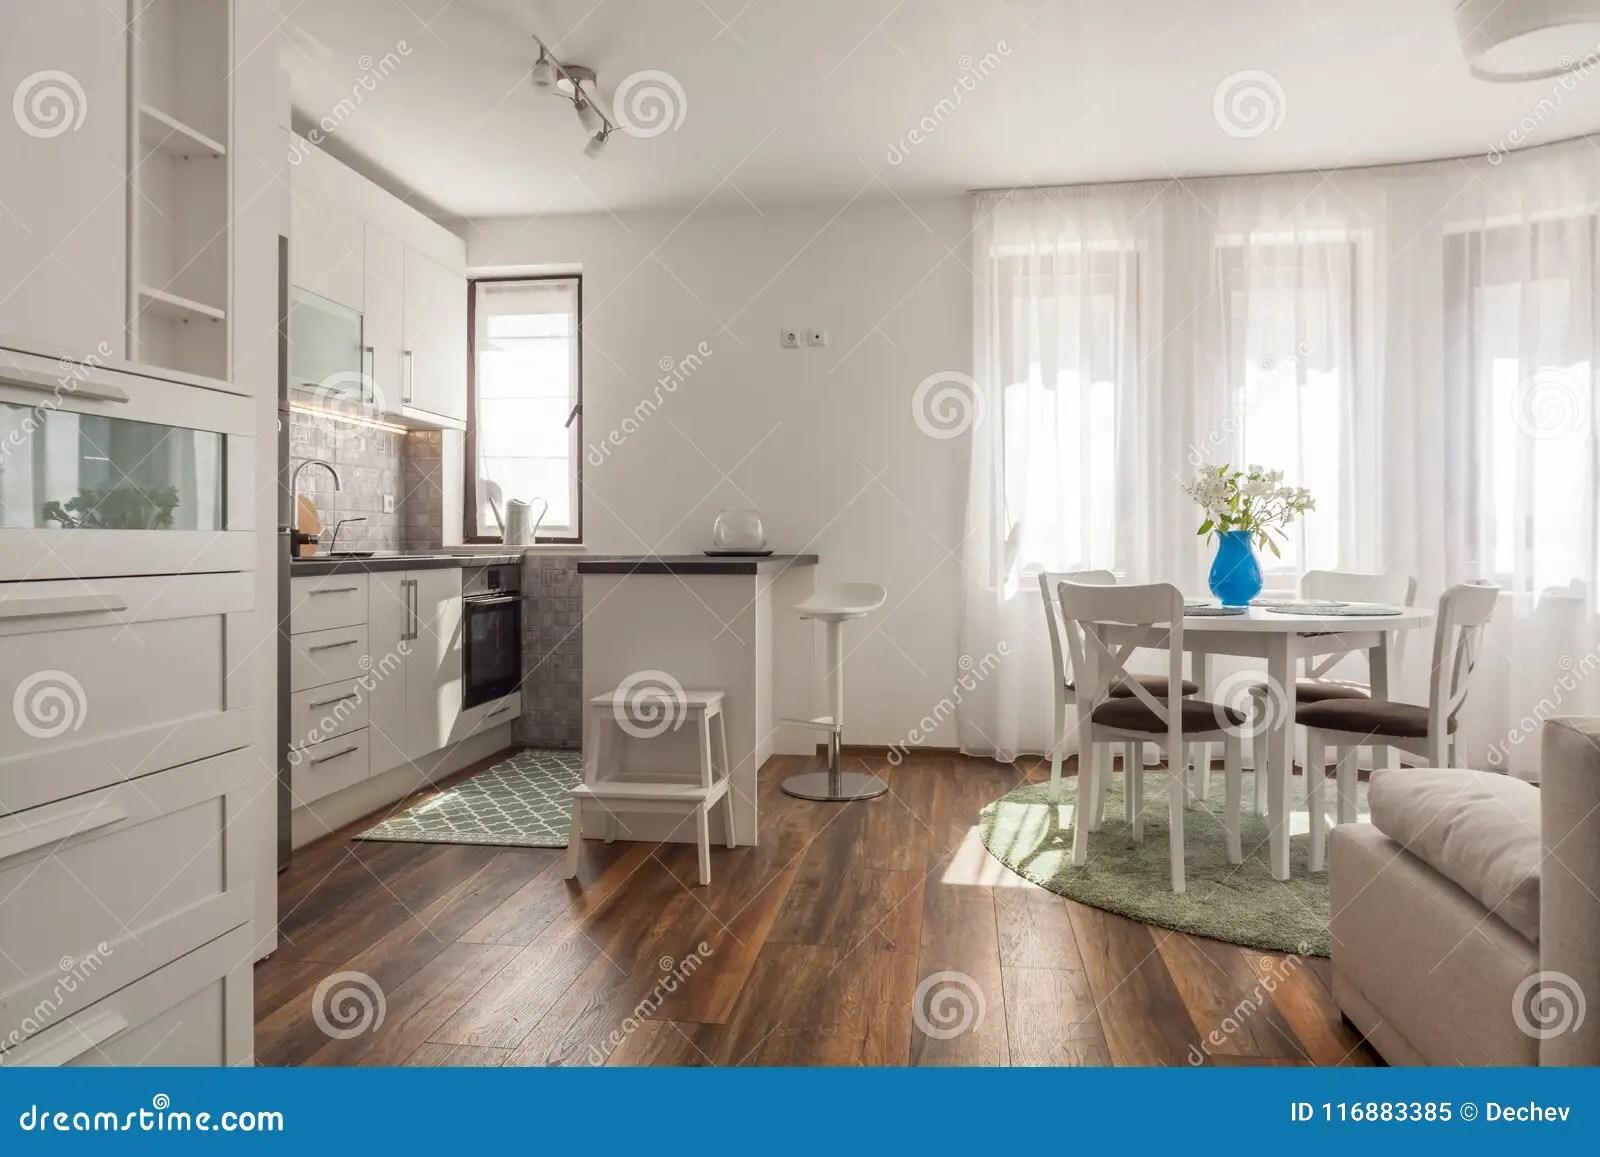 Fußboden Bauer Jogja ~ Beton fußboden küche » lignoflor beton ciré. inspiration